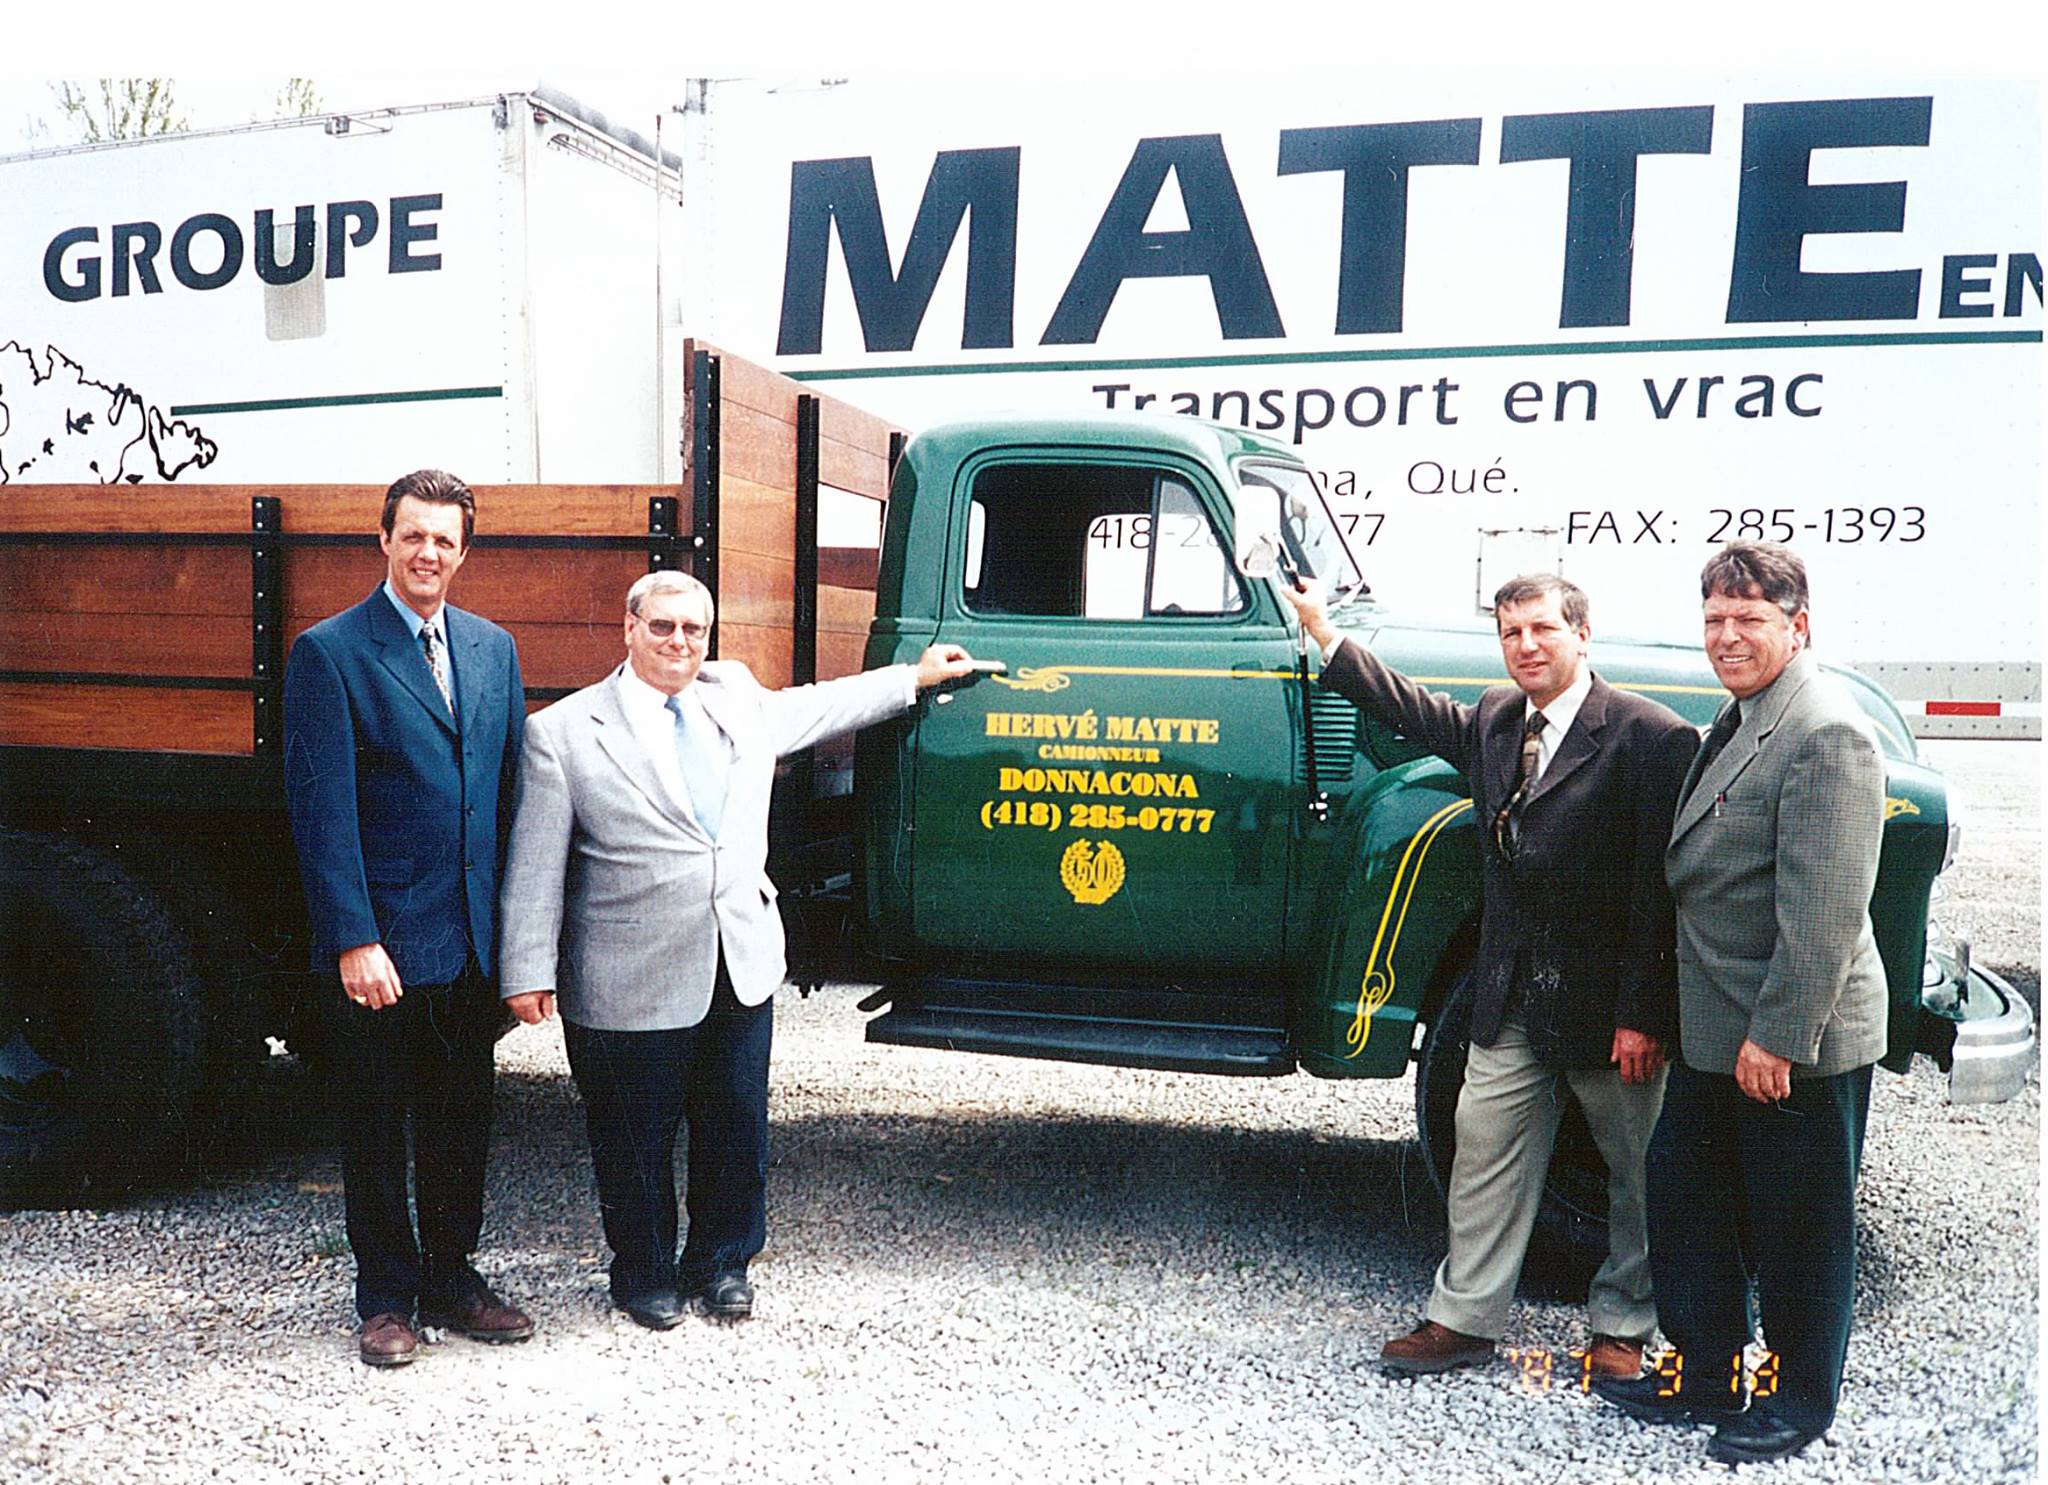 In-2001-tijdens-onze-50-e-verjaardag--Mannen-voor-de-replica-van-onze-eerste-truck-van-1951-gemaakt-van-een-oude-brandweerwagen-van-de-stad-donnacona--Mooi-werk